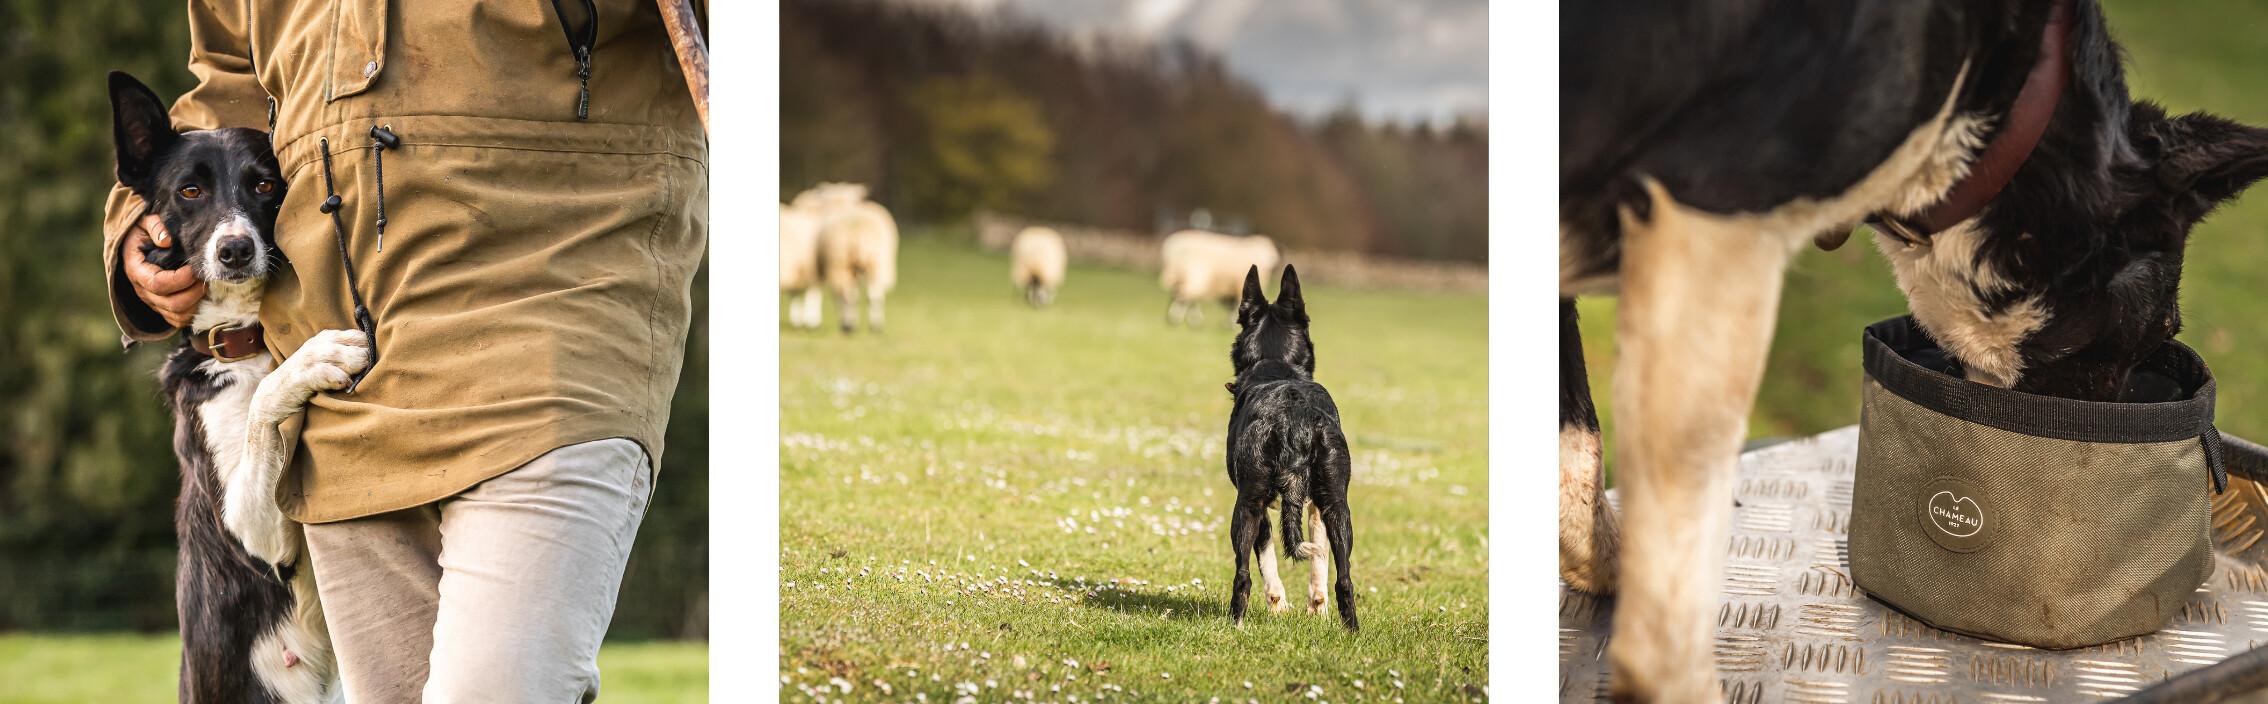 Une vie de chien - Brooke 2